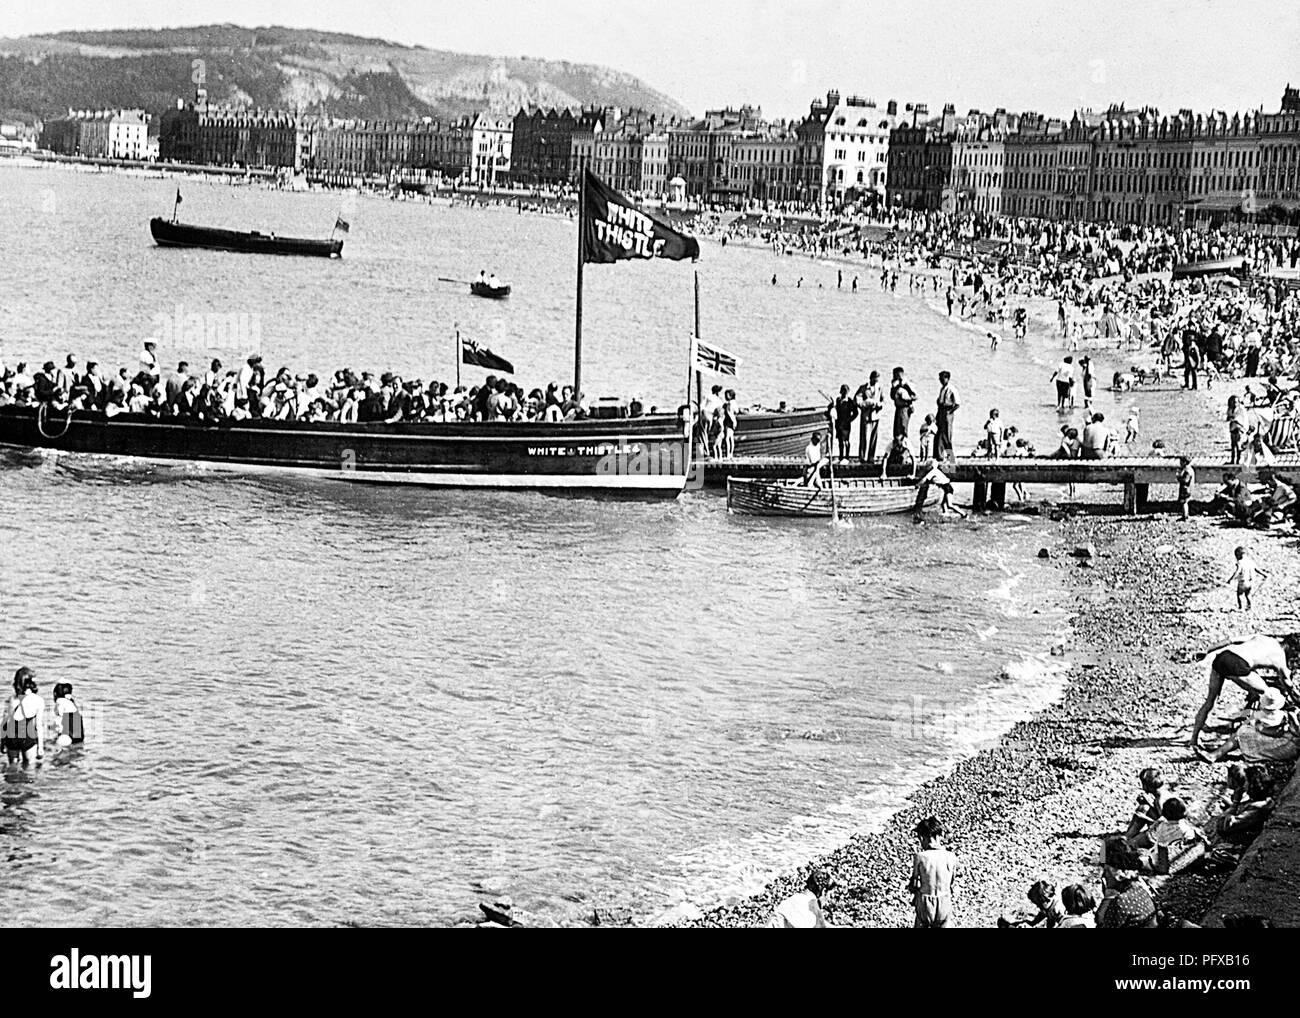 Viaje alrededor de la bahía, Llandudno, 1900 Imagen De Stock